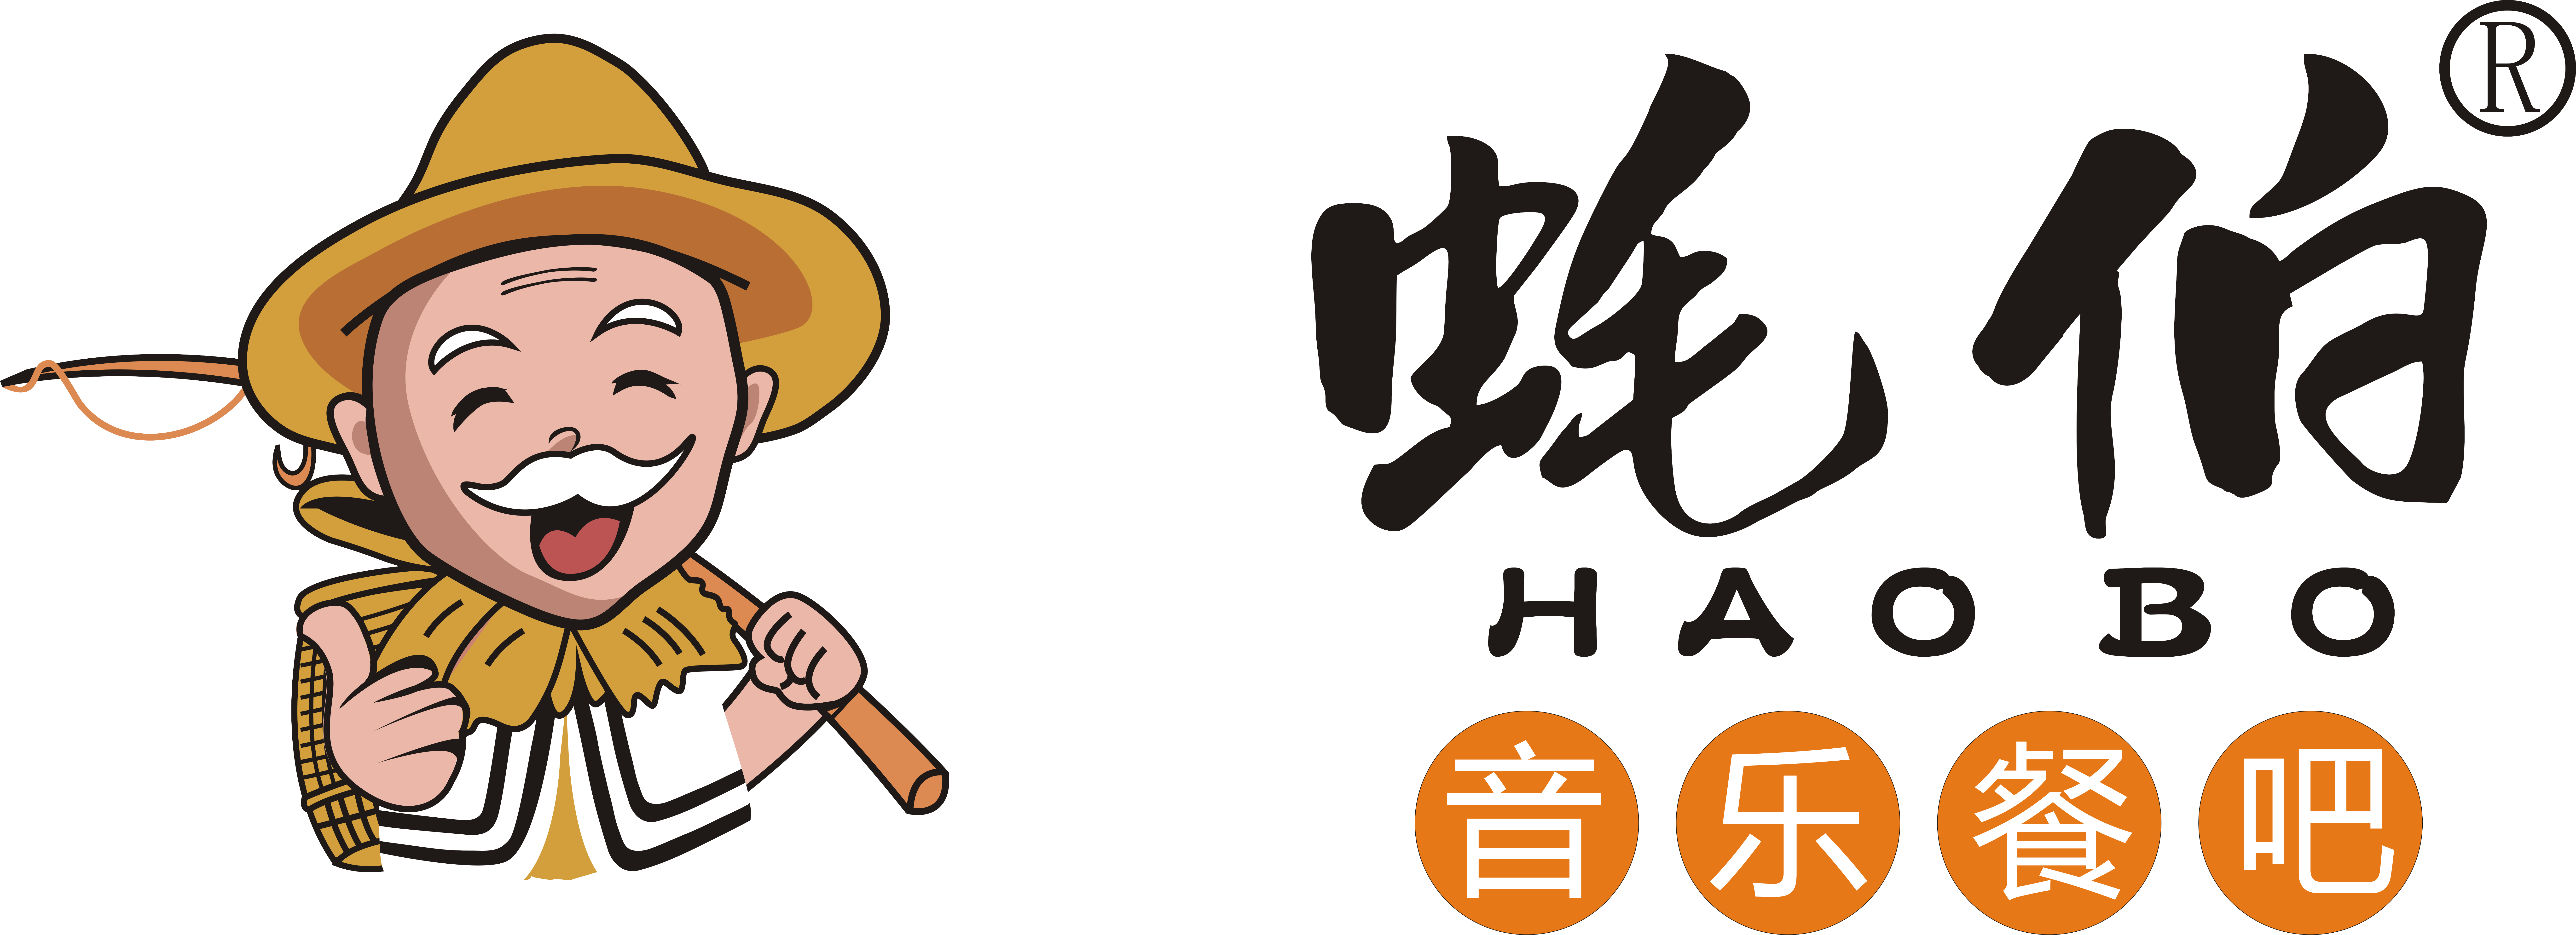 莆田市阿土伯餐饮管理有限公司